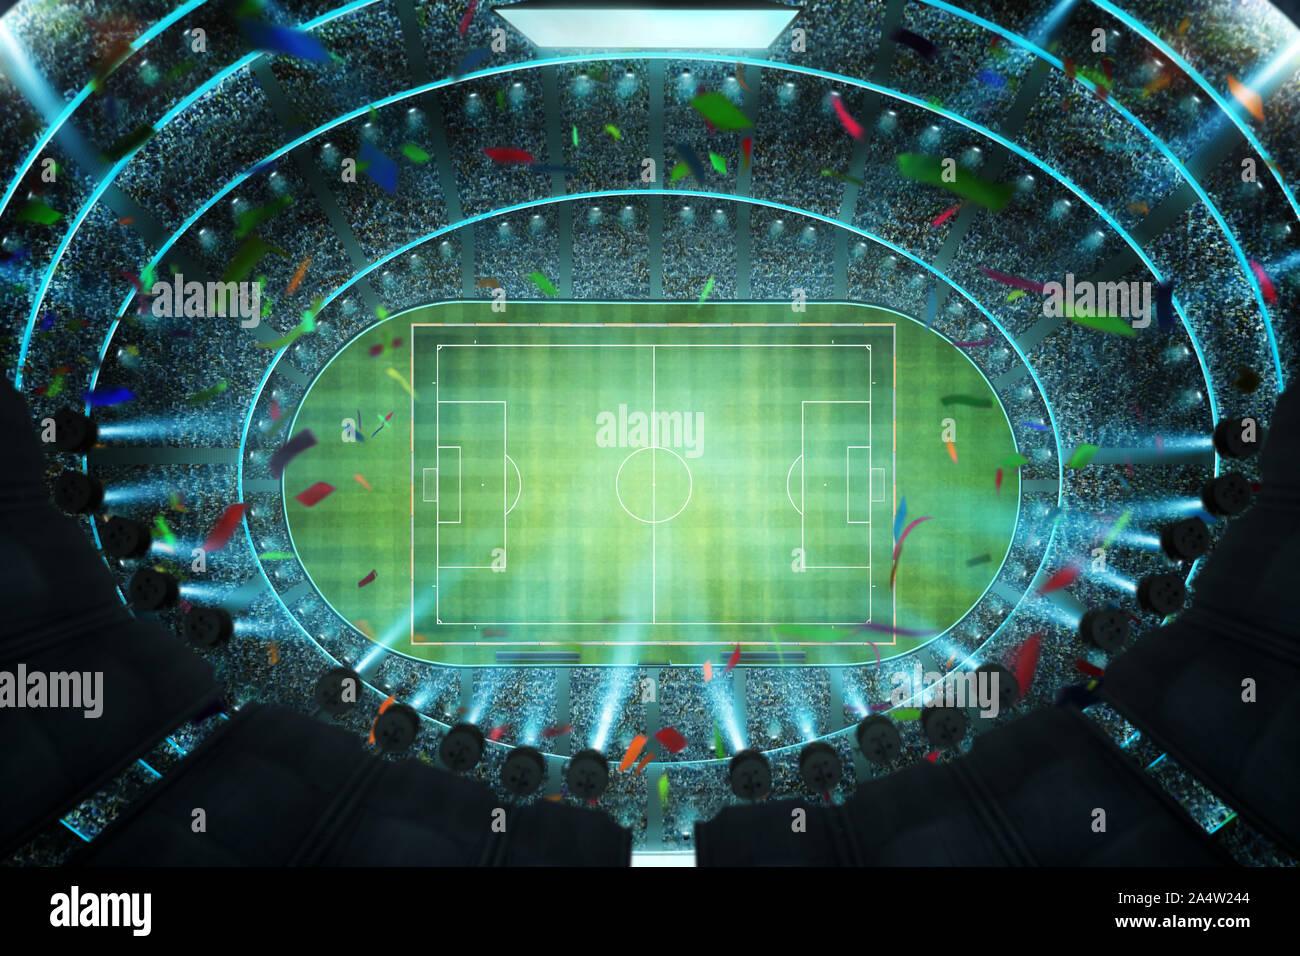 Haut de l'antenne vue d'angle de stade de soccer imaginaire à l'allumage . Le rendu 3D . Banque D'Images